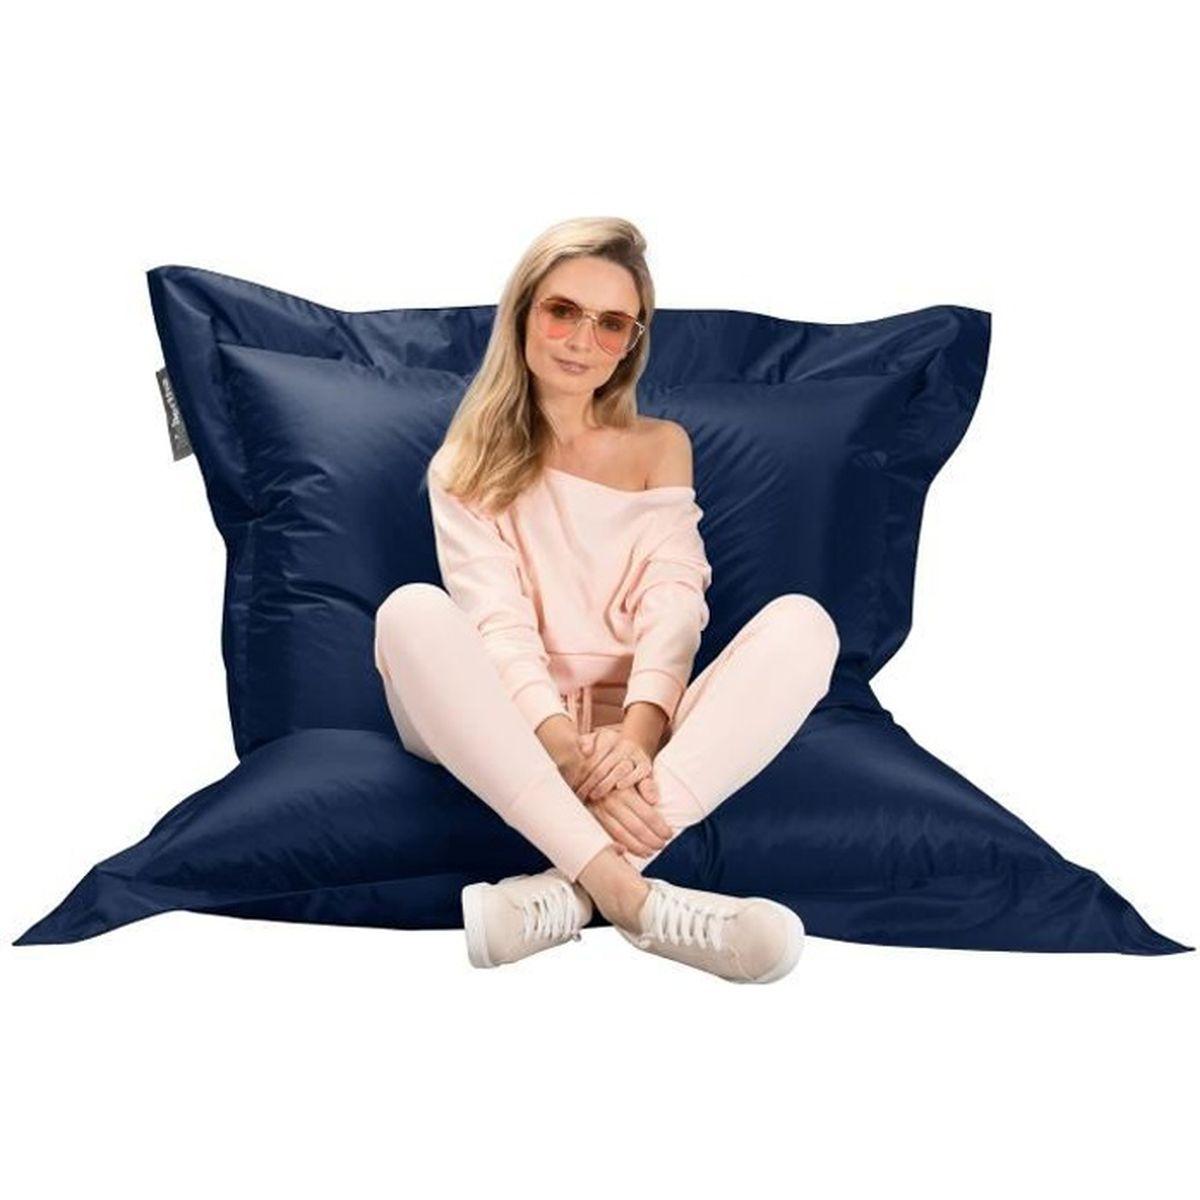 pouf g ant xxl original marine achat vente pouf. Black Bedroom Furniture Sets. Home Design Ideas